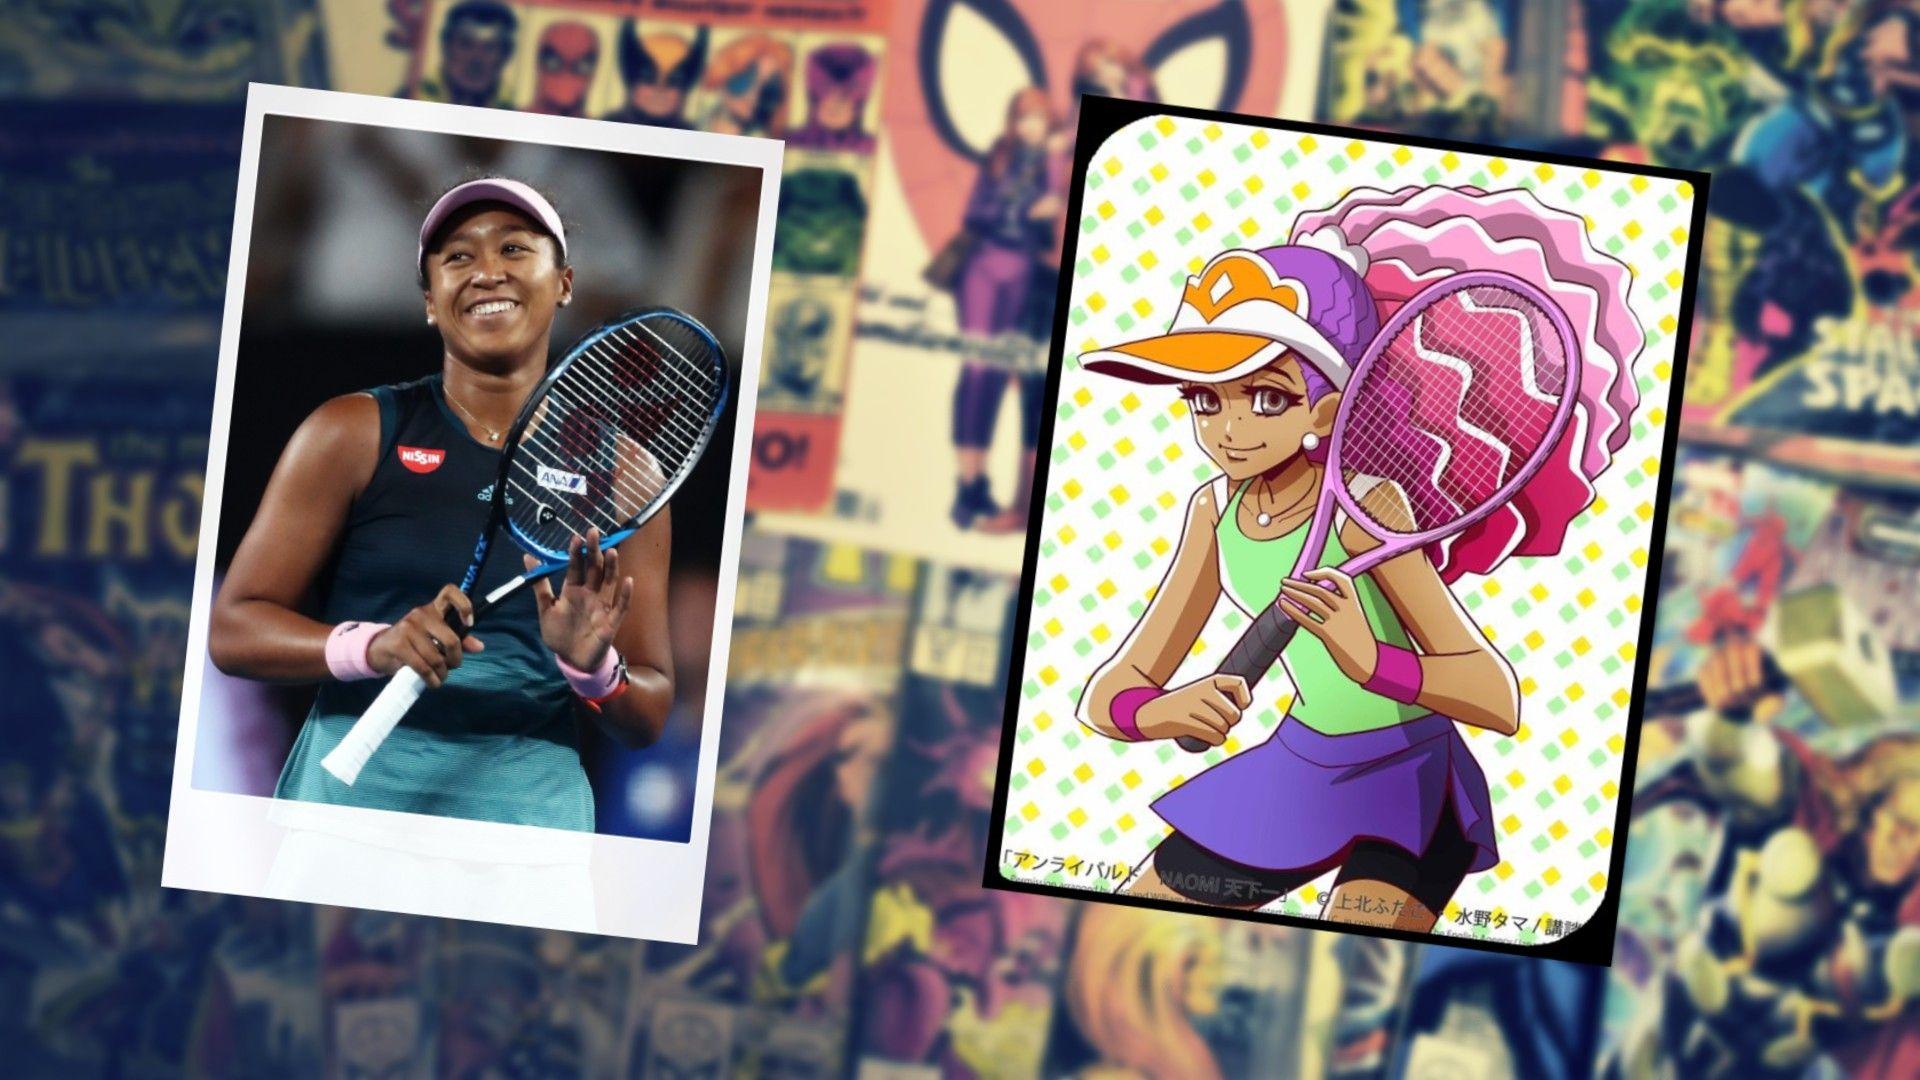 Наоми Осака влезе в комикс с розова коса и търси място в сърцата на японците